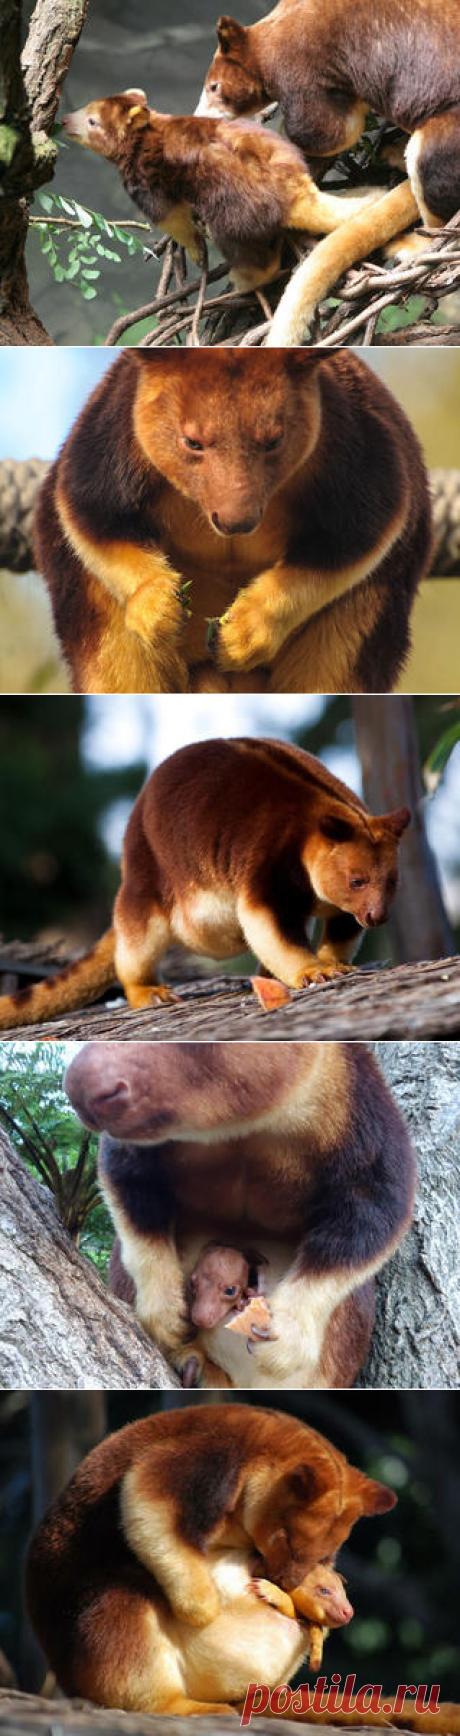 Смотреть изображения валлаби | Зооляндия